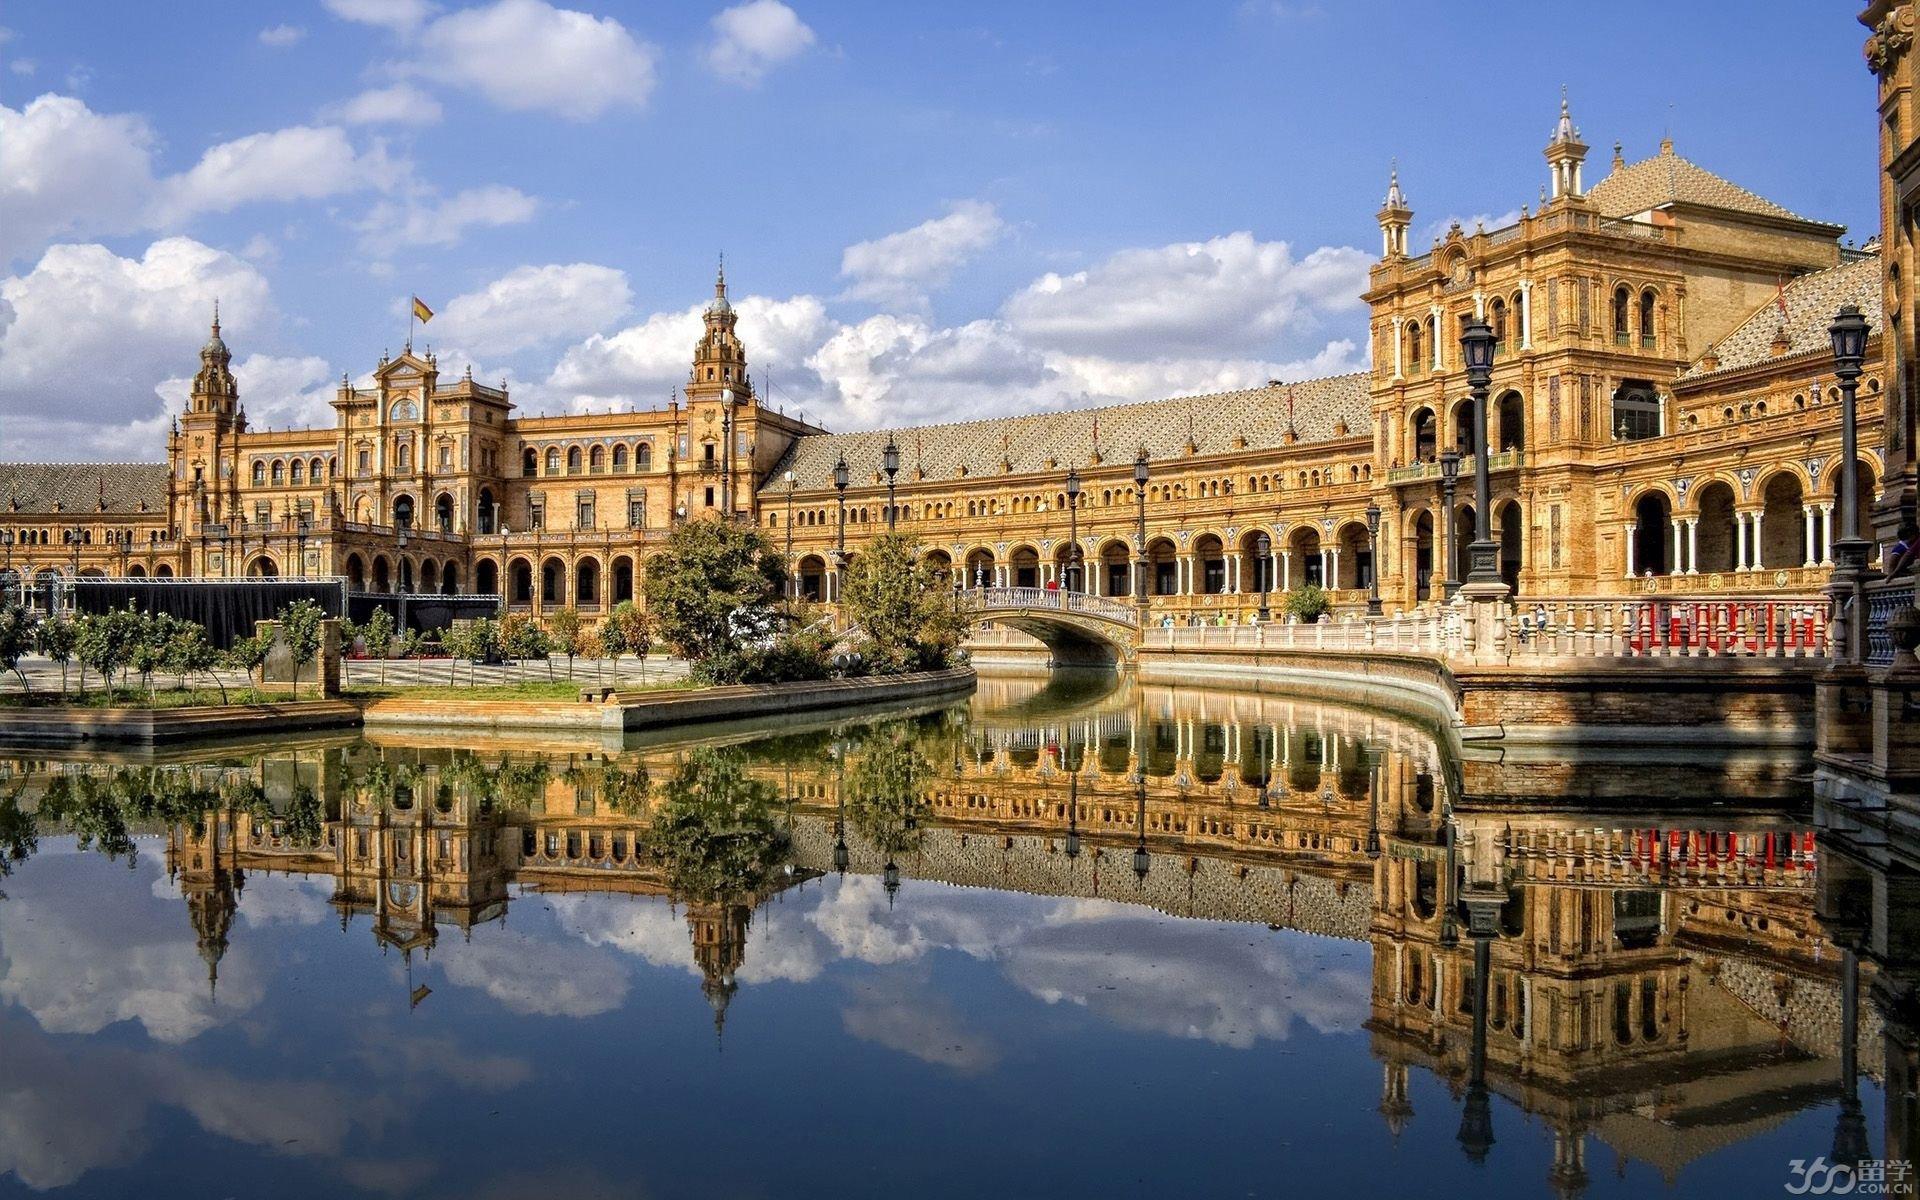 申请西班牙语言学校留学需要满足的条件 - 302